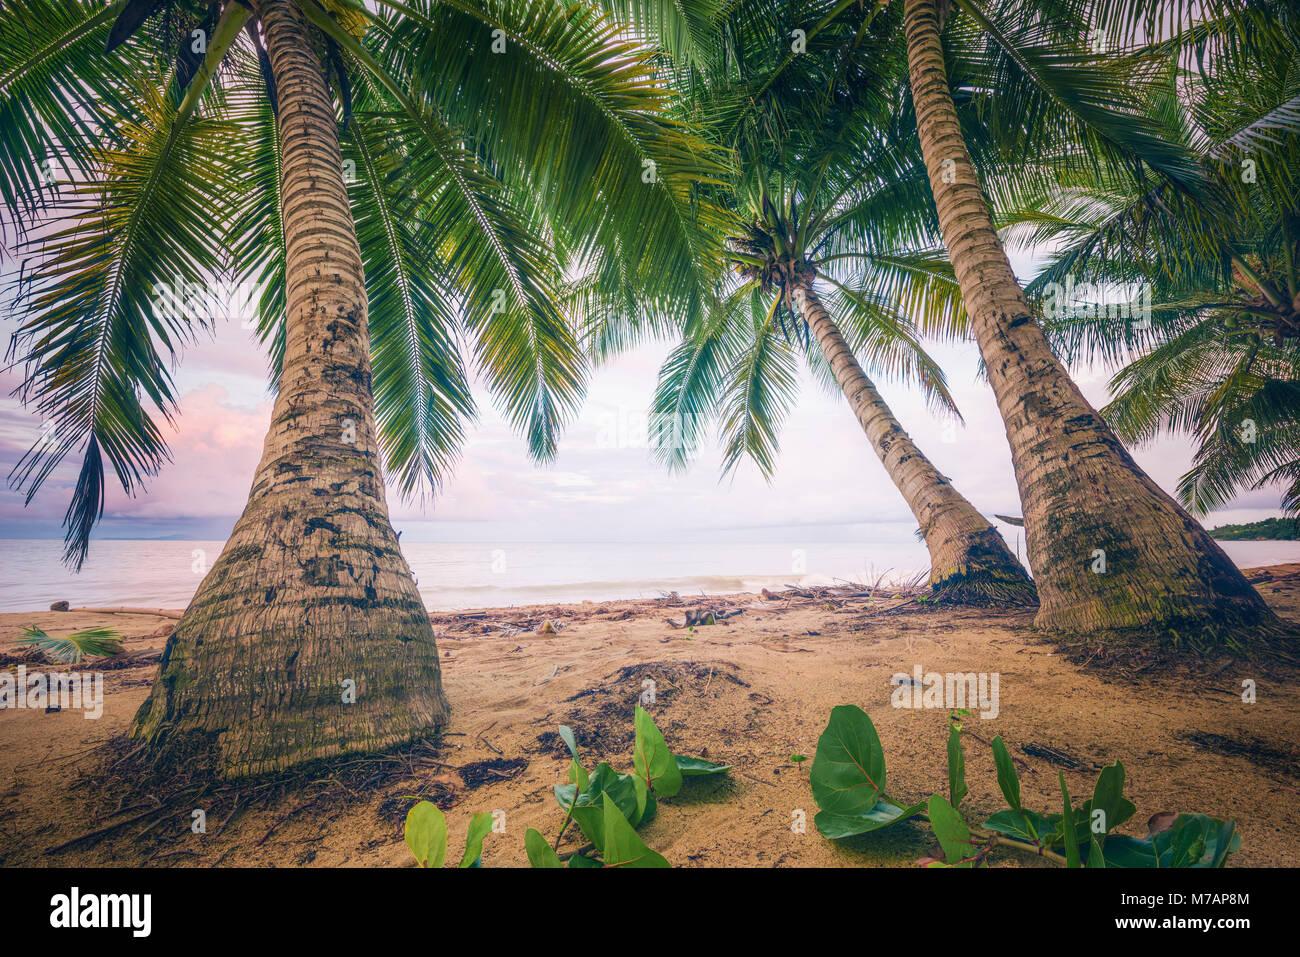 Escena de playa en estilo retro en la isla caribeña de Puerto Rico Imagen De Stock